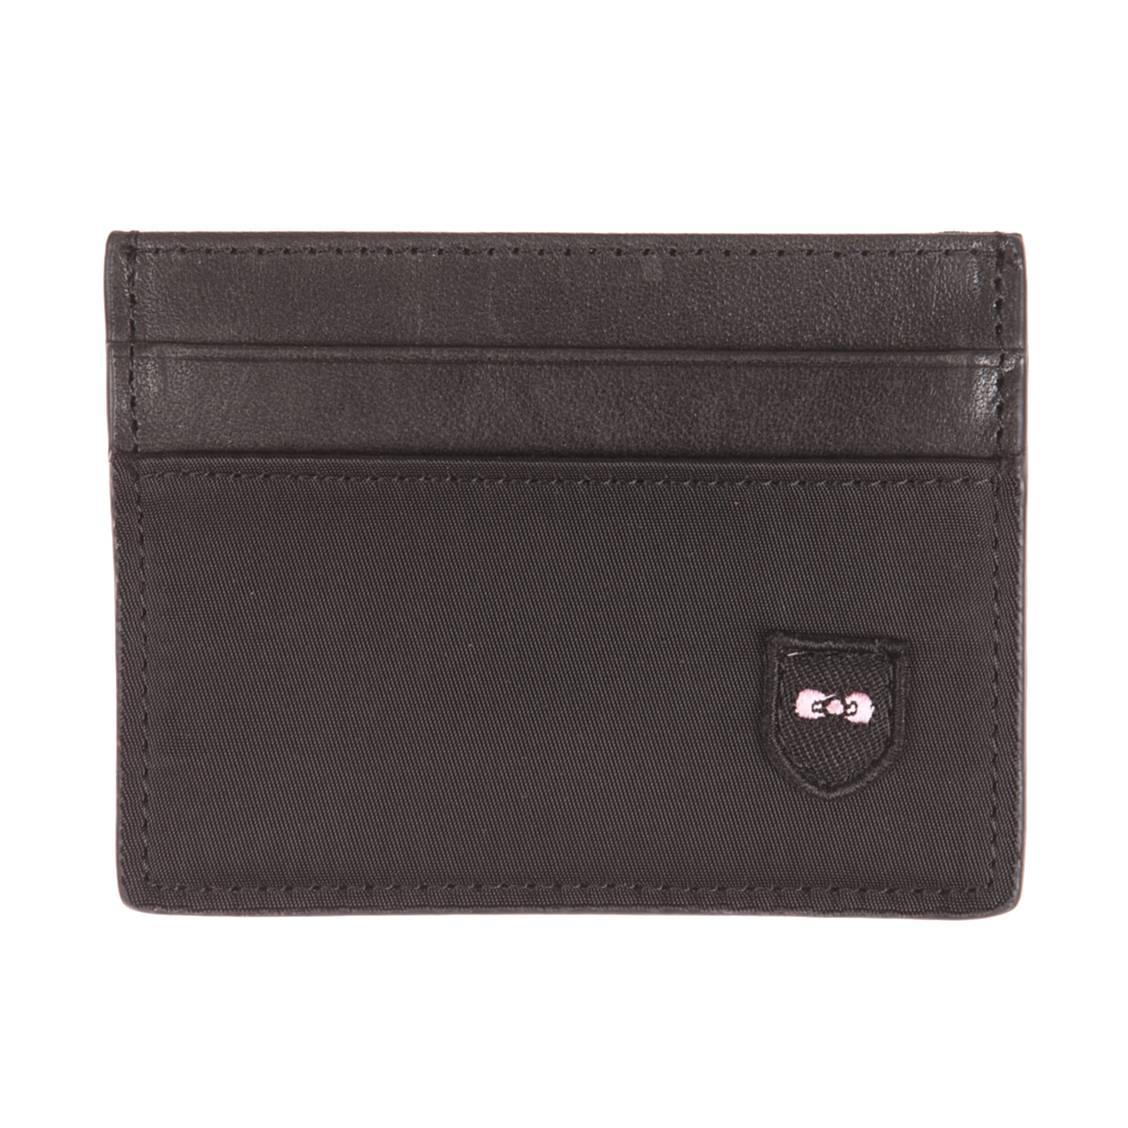 Porte-carte  noir en cuir et toile